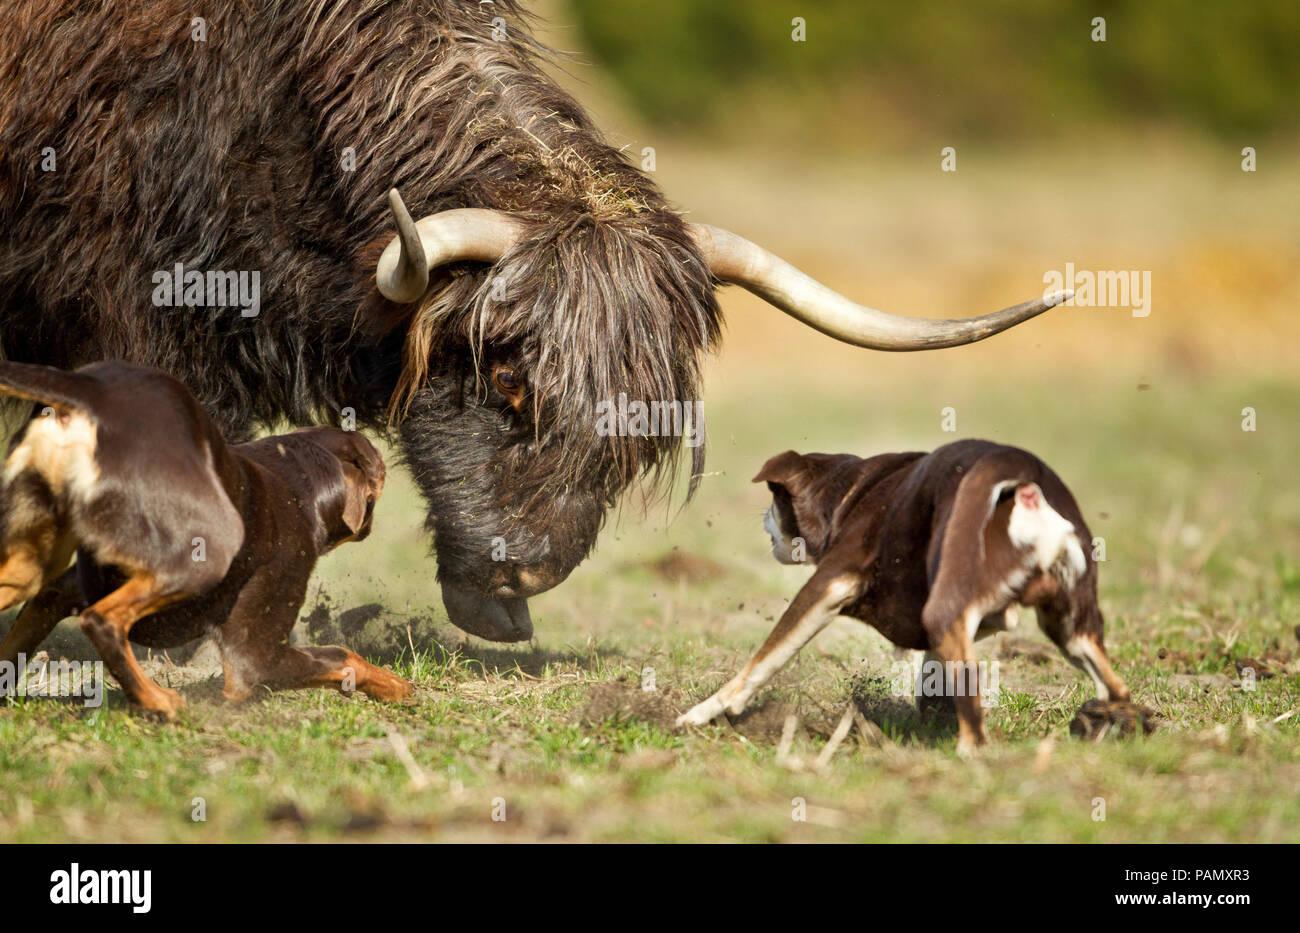 Australisches Working Kelpie. Zwei erwachsene Hunde Hüten von Vieh (Highland Cattle?). Niedersachsen, Deutschland. Stockbild